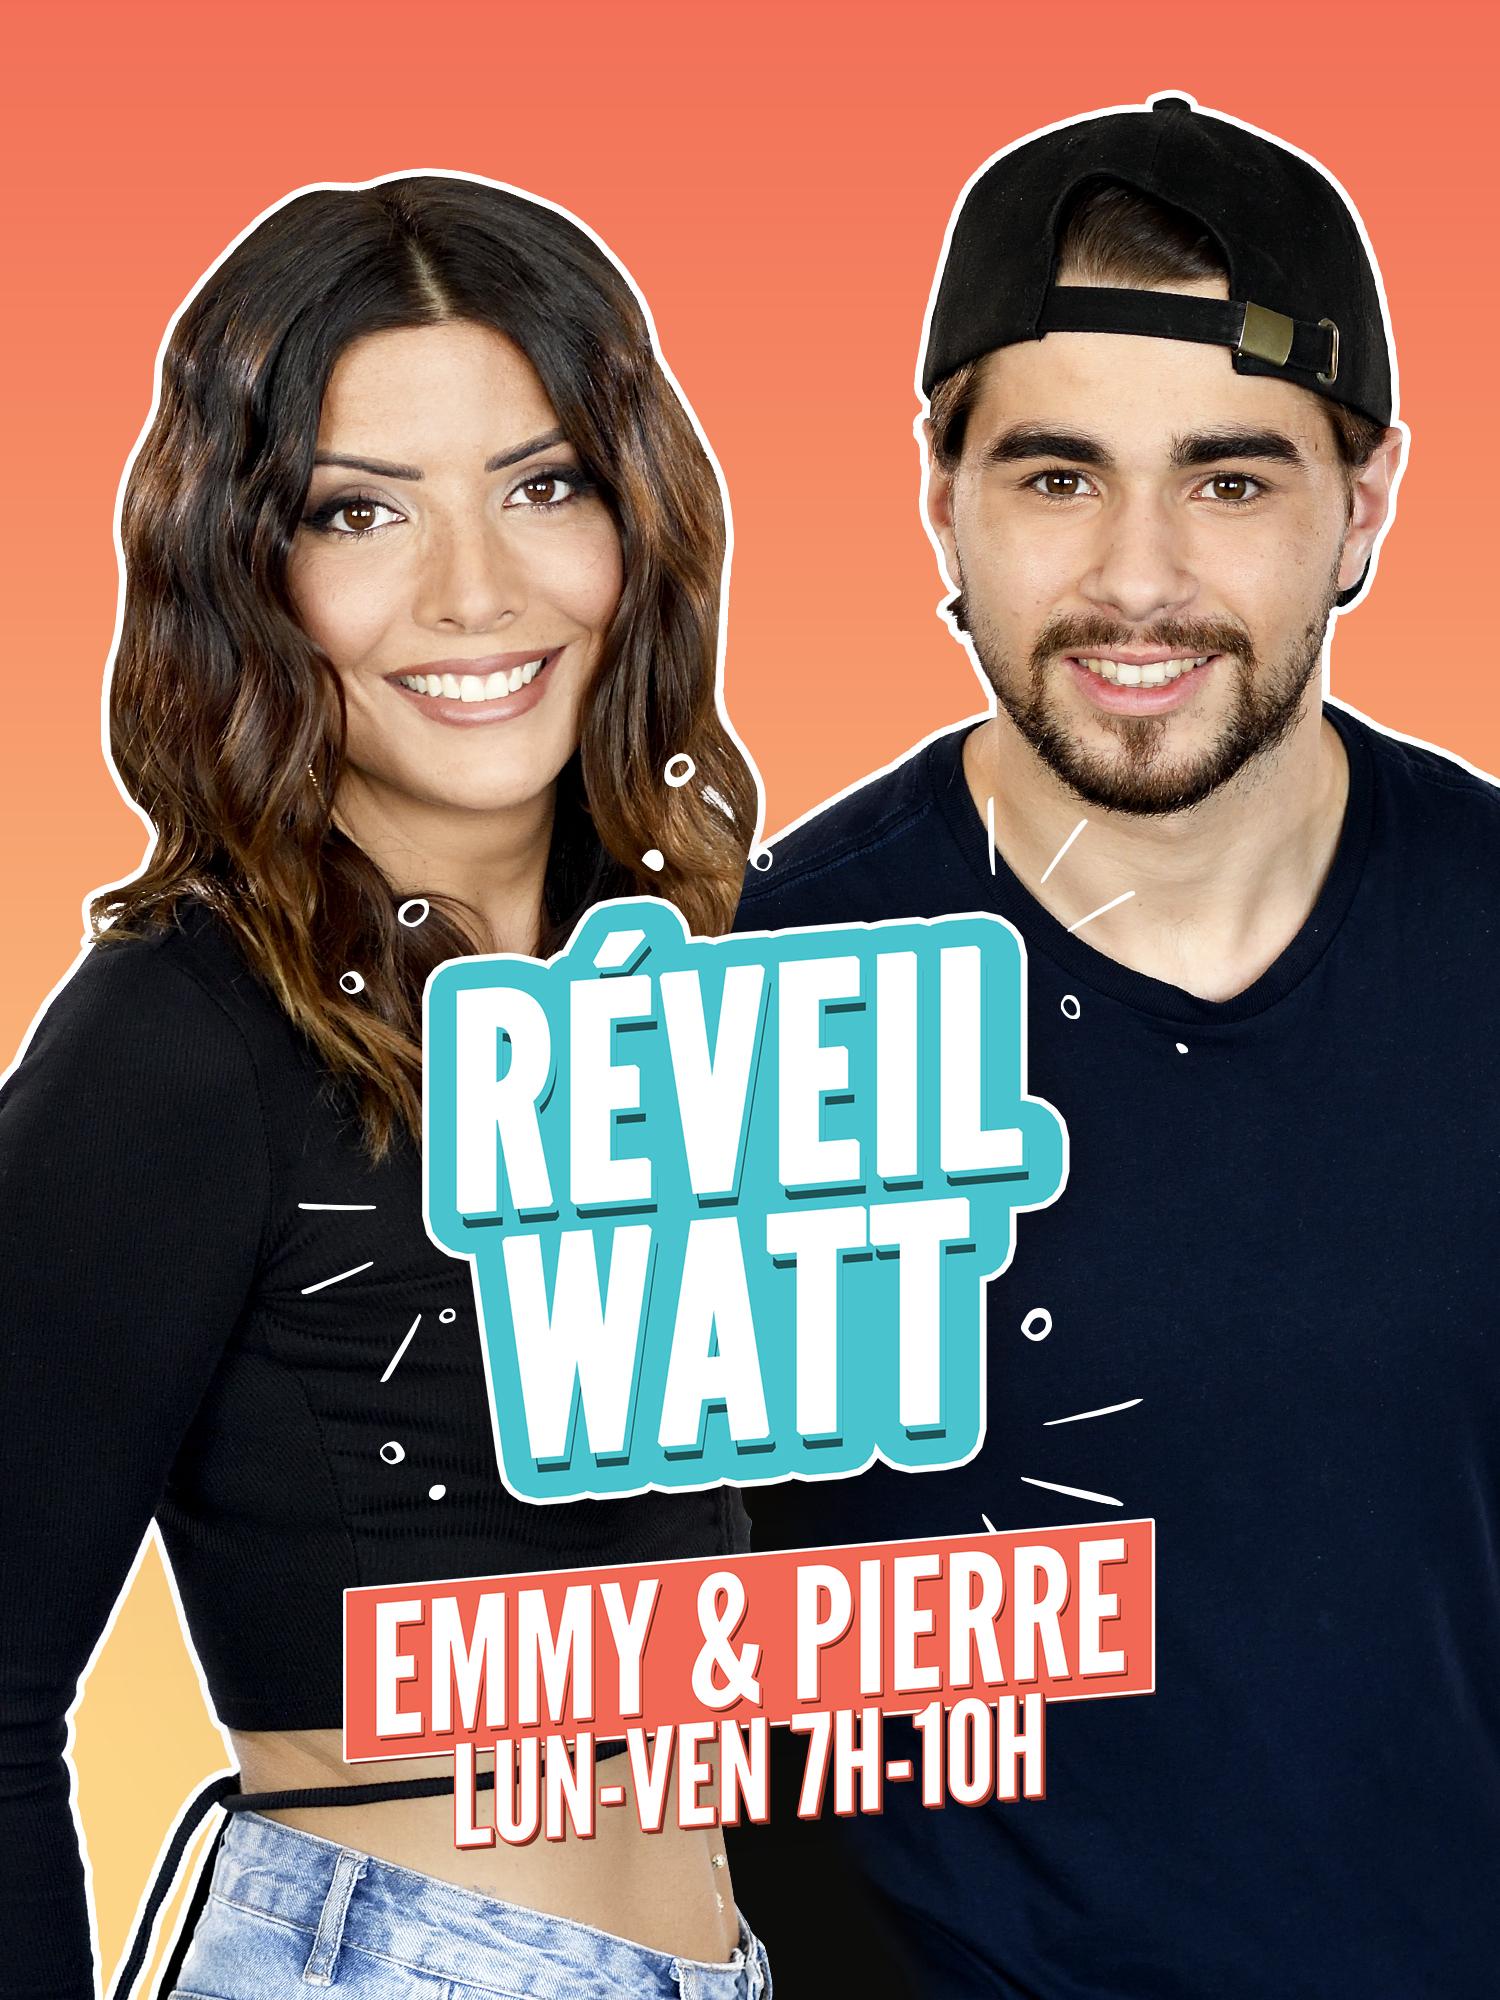 """La matinale """"Réveil Watt"""" sera présenté par Emmy et Pierre en juillet puis par Sandra et Marie en août. Cette matinale est diffusée du lundi au vendredi de 7h à 10h"""